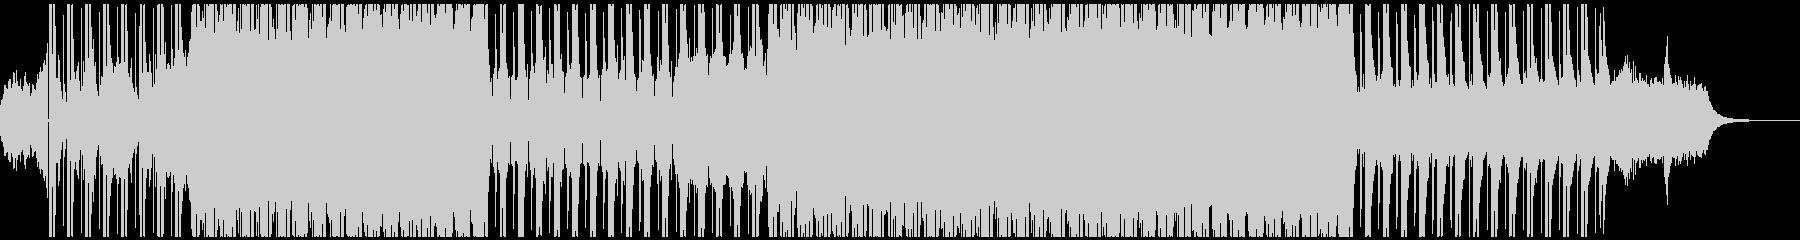 ピアノが印象的なモダンHip Hop曲の未再生の波形